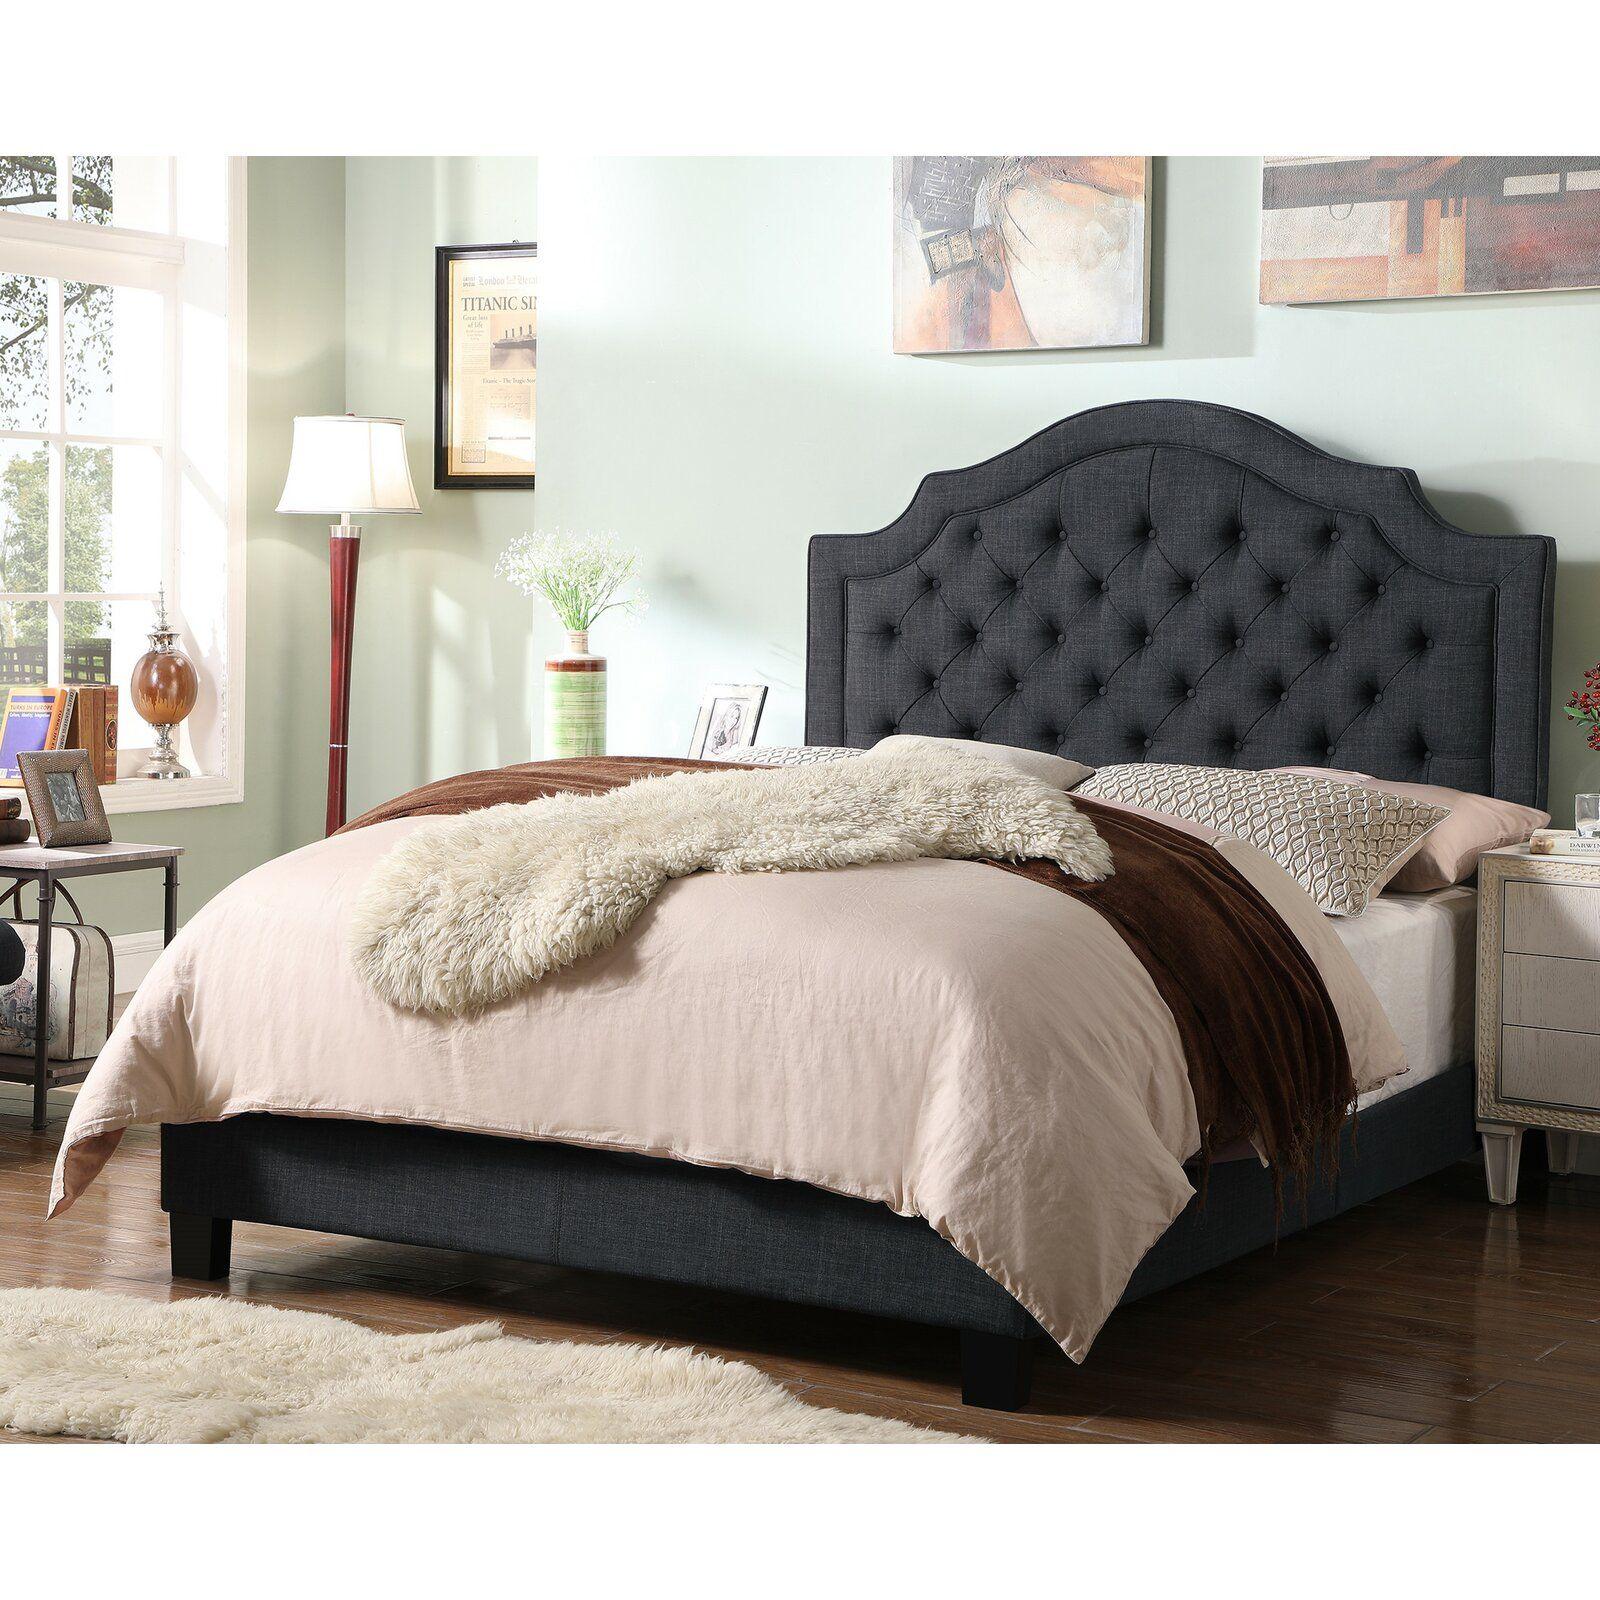 Swanley Upholstered Standard Bed Upholstered Bed Frame